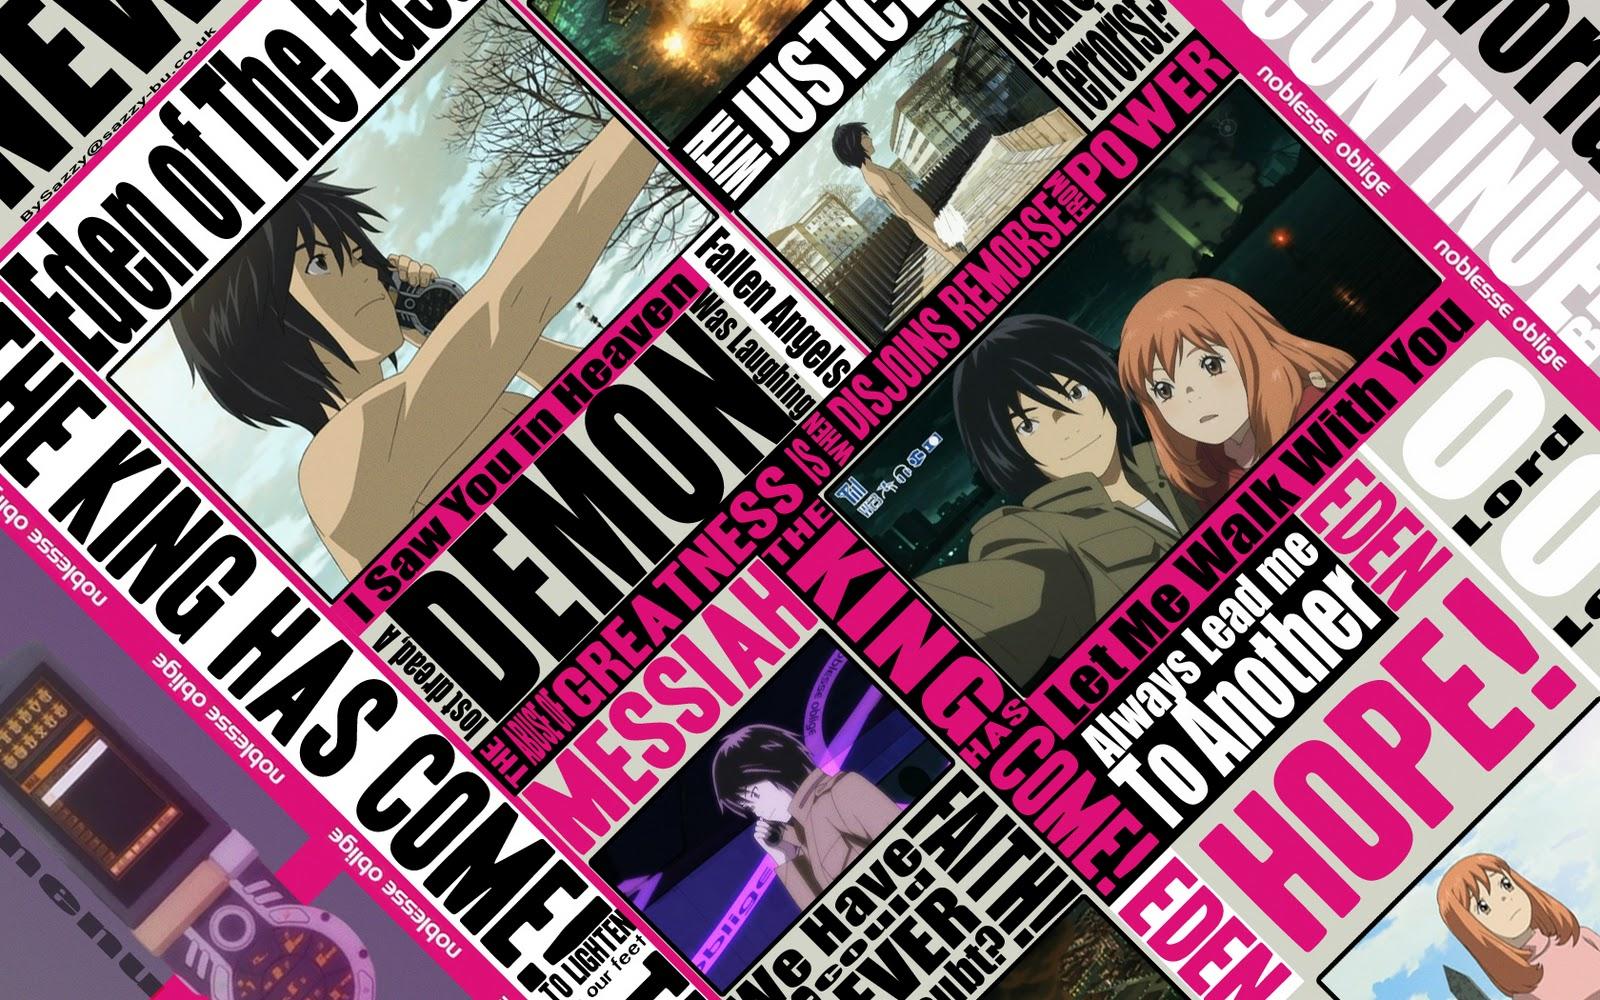 http://4.bp.blogspot.com/-q2lsG7S5nQQ/TsK9xWrdBQI/AAAAAAAABaA/1qM7GA9un80/s1600/Higashi+no+Eden+-+Zerochan.jpg